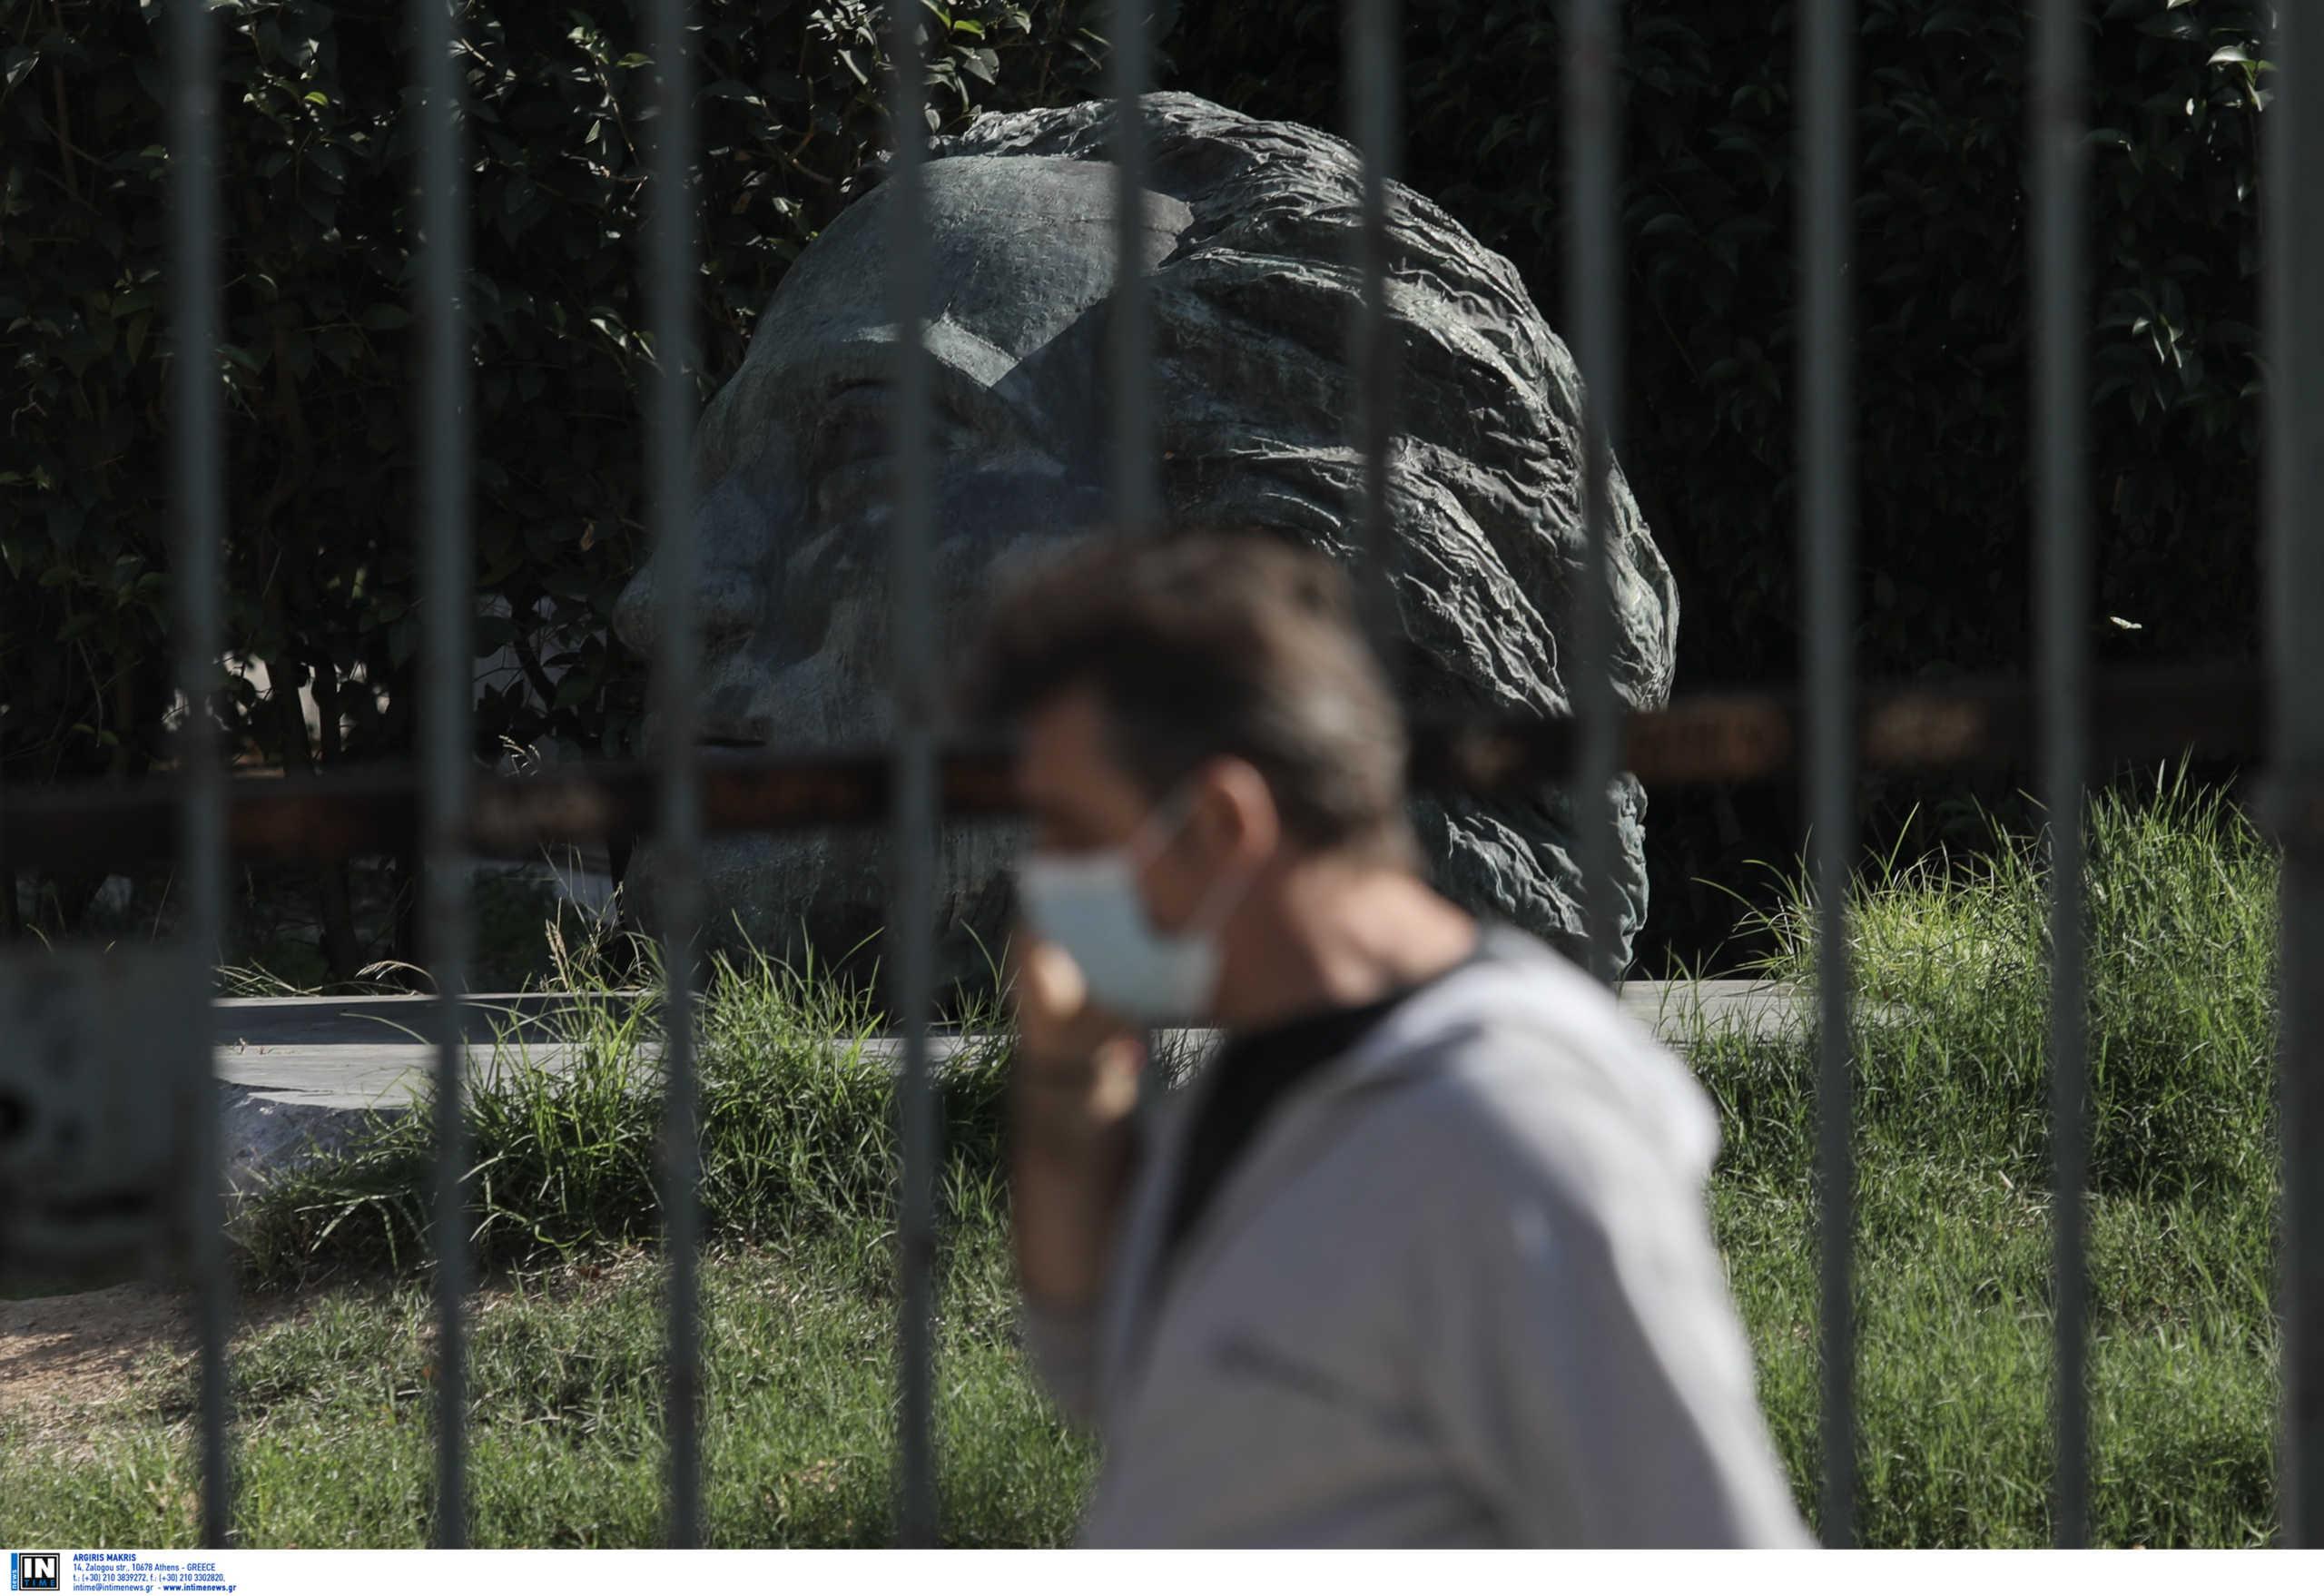 Πολυτεχνείο: ΣΥΡΙΖΑ, ΚΚΕ και ΜέΡΑ25 ζητούν από την κυβέρνηση να αποσύρει την απαγόρευση των συγκεντρώσεων